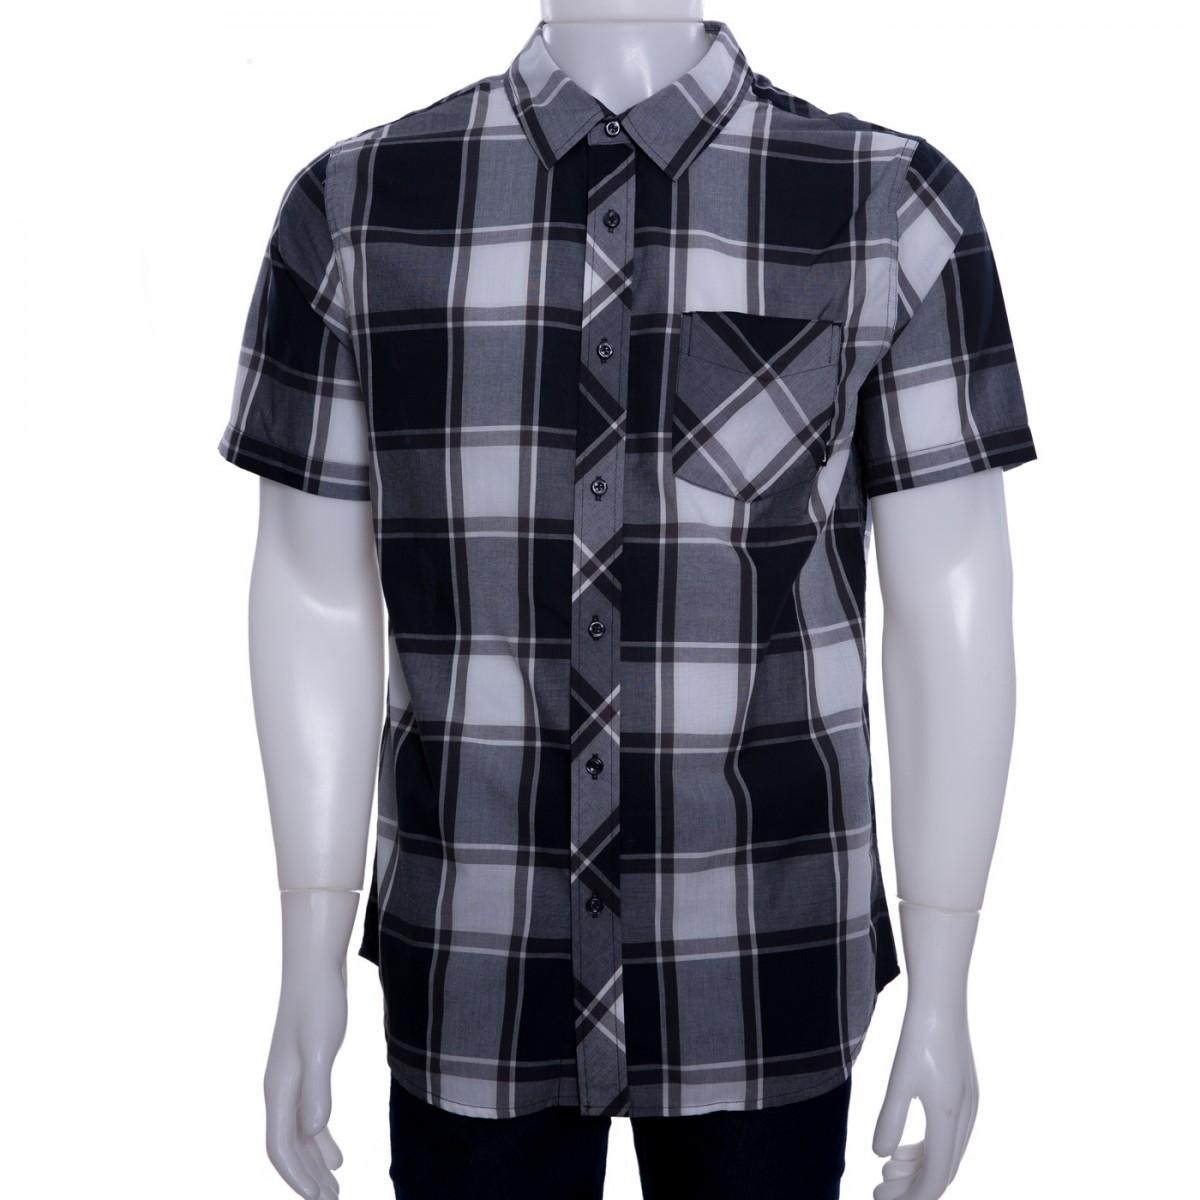 545dec12a1213 Bizz Store - Camisa Xadrez Masculina Nike Killingsworth Manga Curta